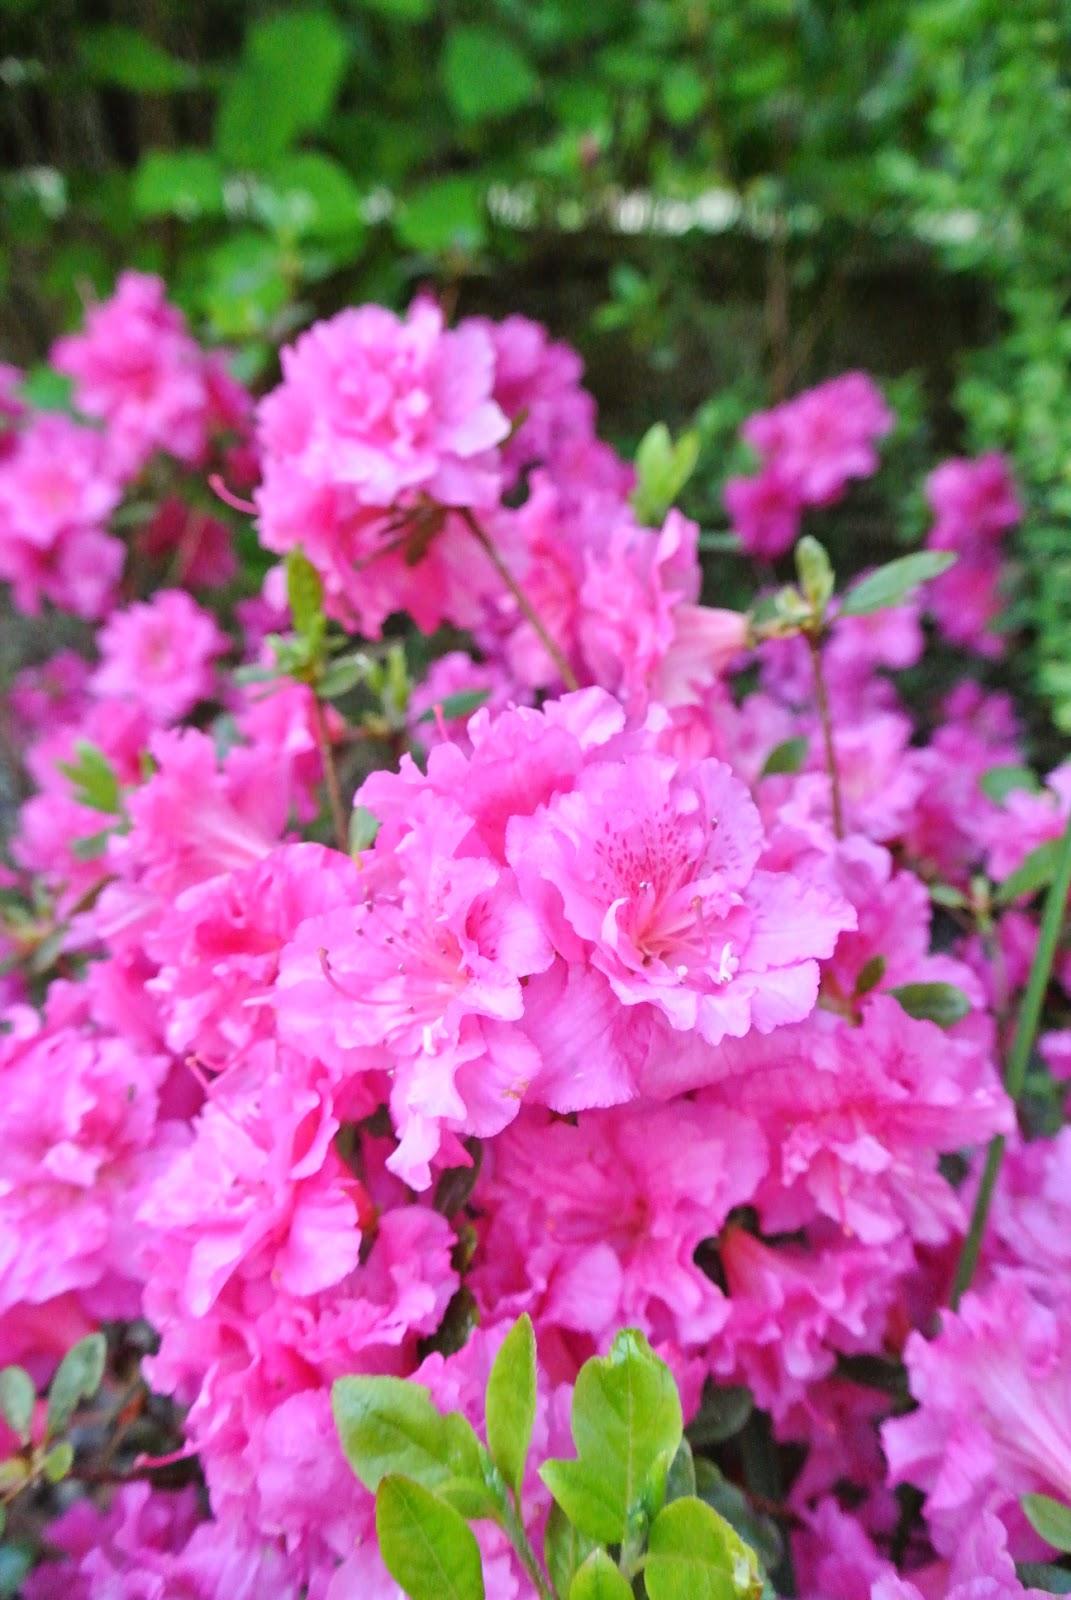 jasno różowa azalia,azalie w ogrodzie,różanecznik,ziemia do azalii,piękny ogród,ogród pełen kwiatów,